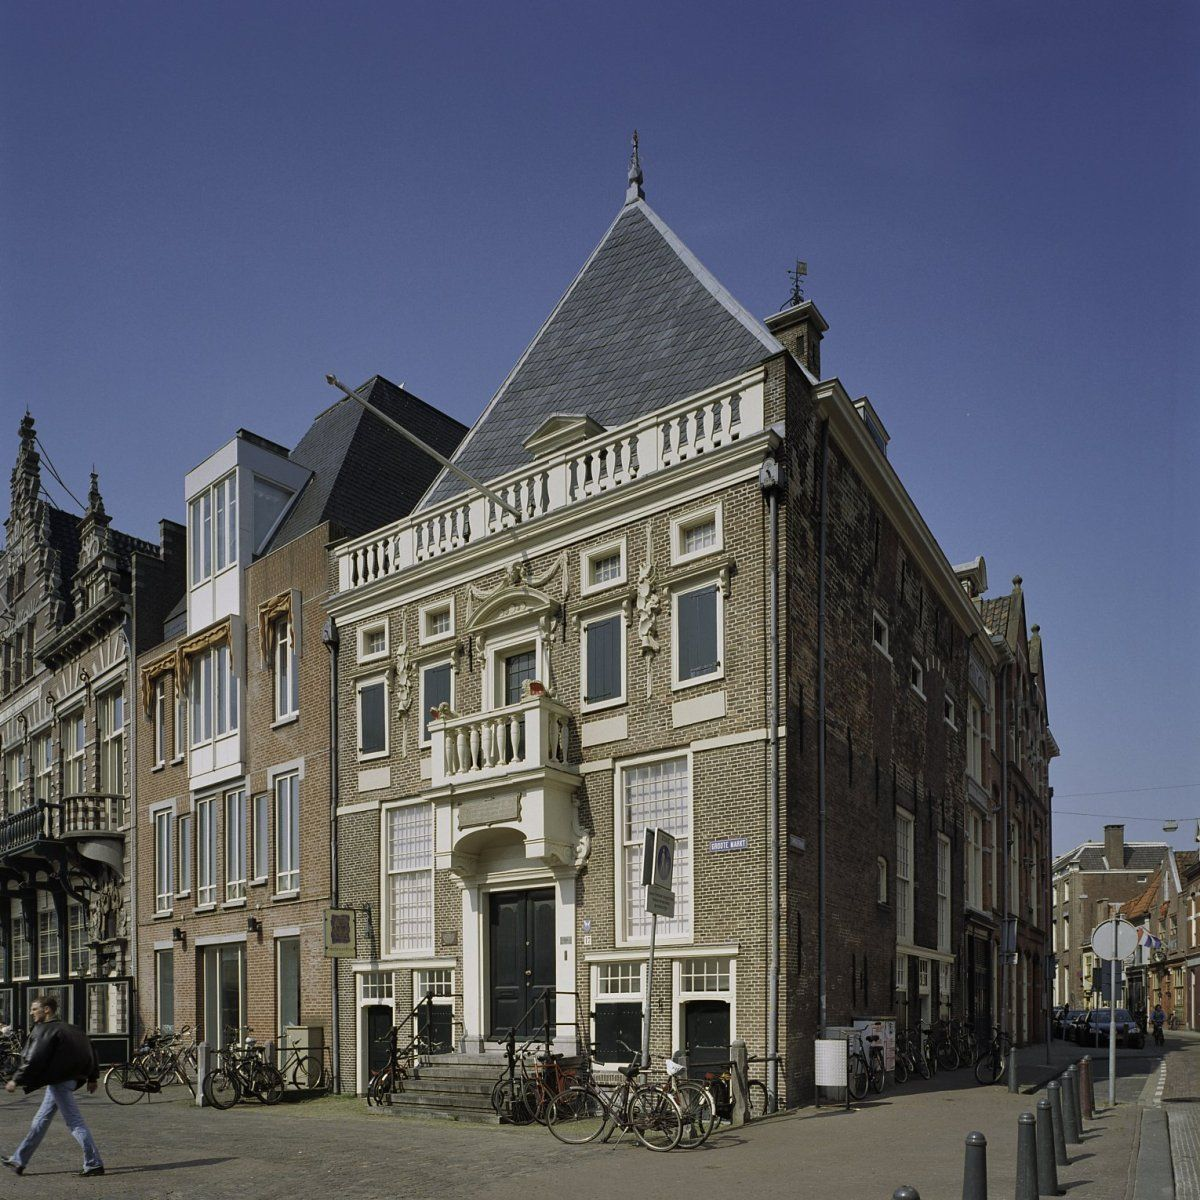 Het gebouw van de Hoofdwacht op de Grote Markt van Haarlem